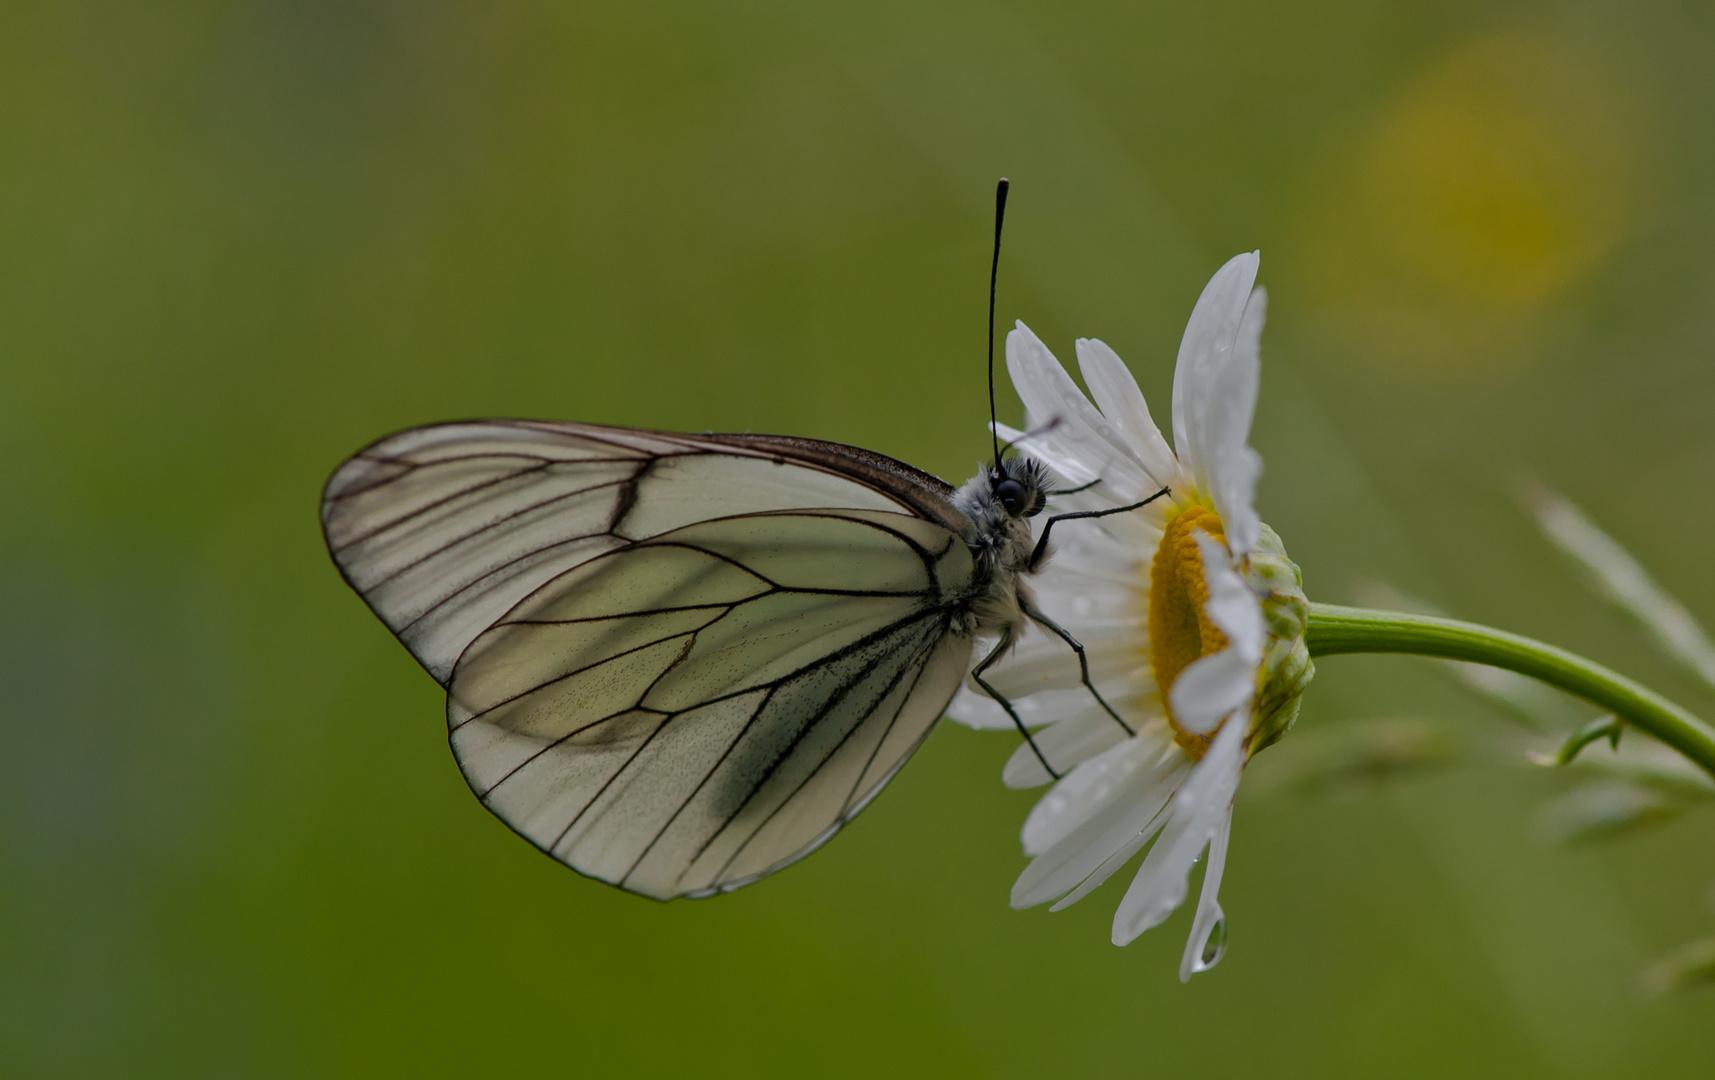 La farfalla e la margherita